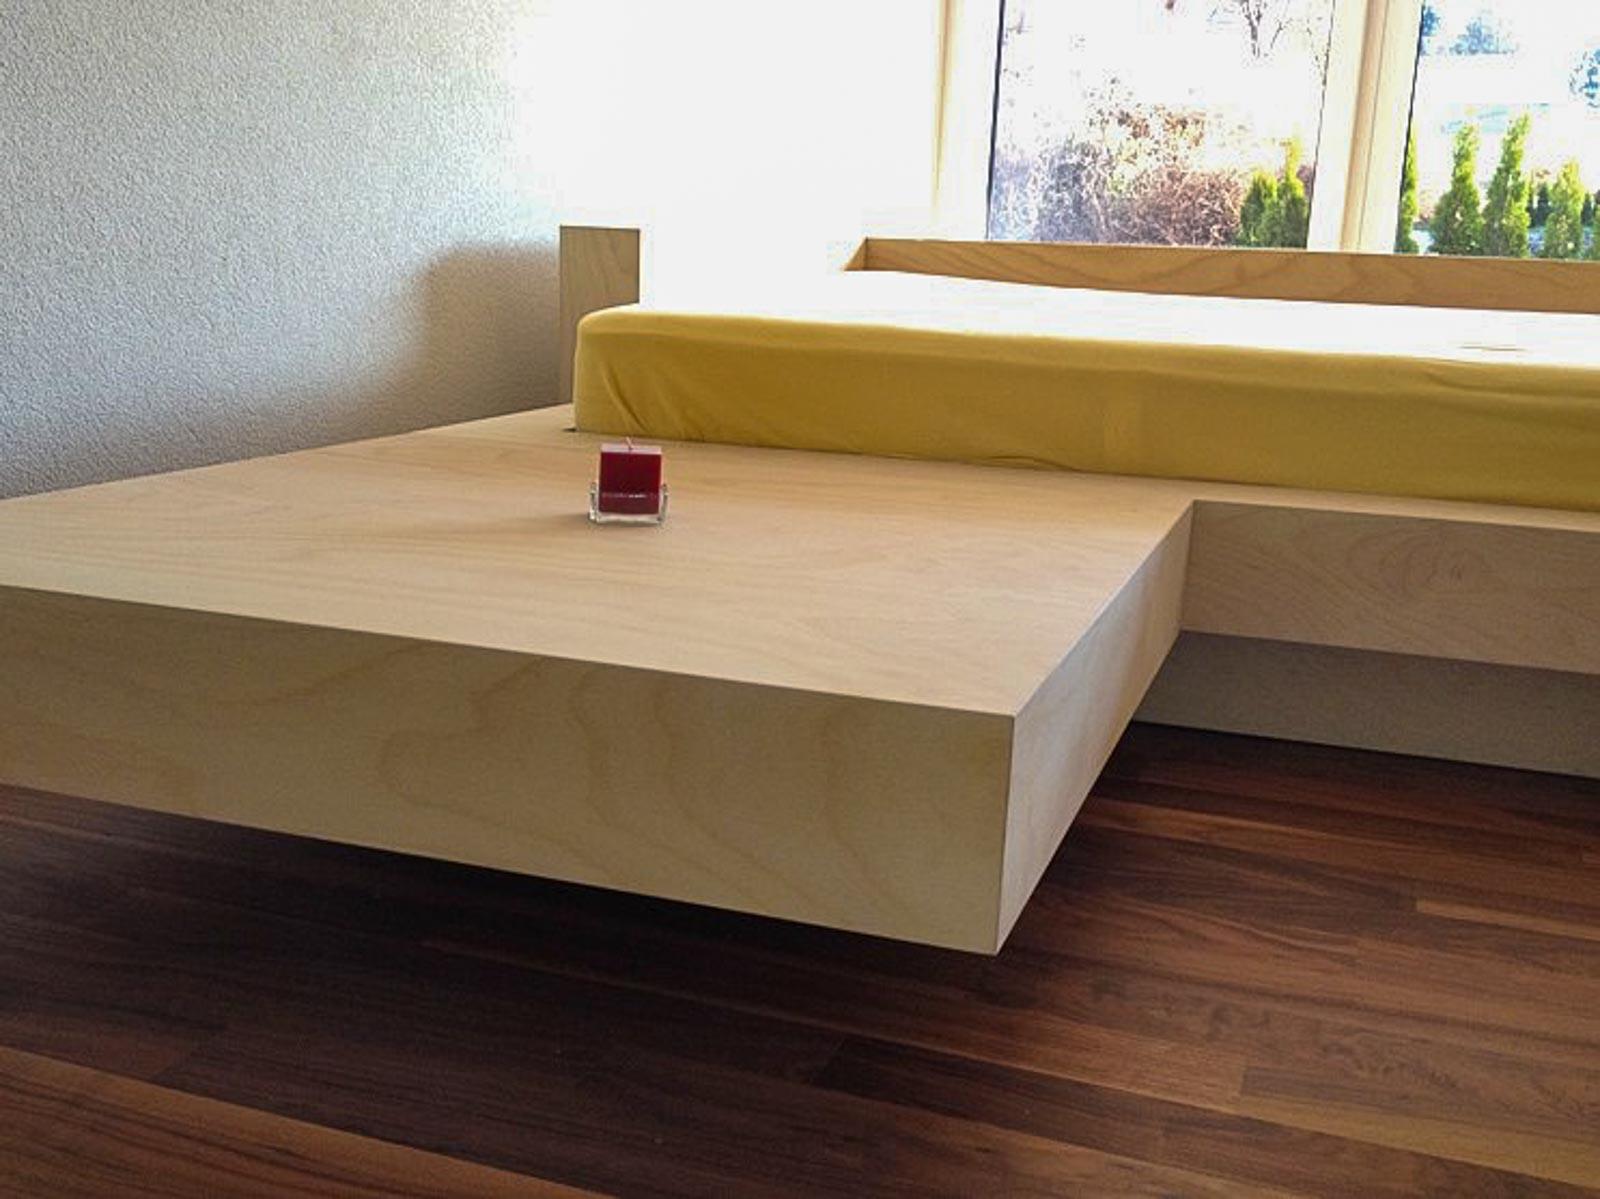 Wooddesign_Bett_Trinatura_modern_Jugendbett_Birken Multiplex (4)